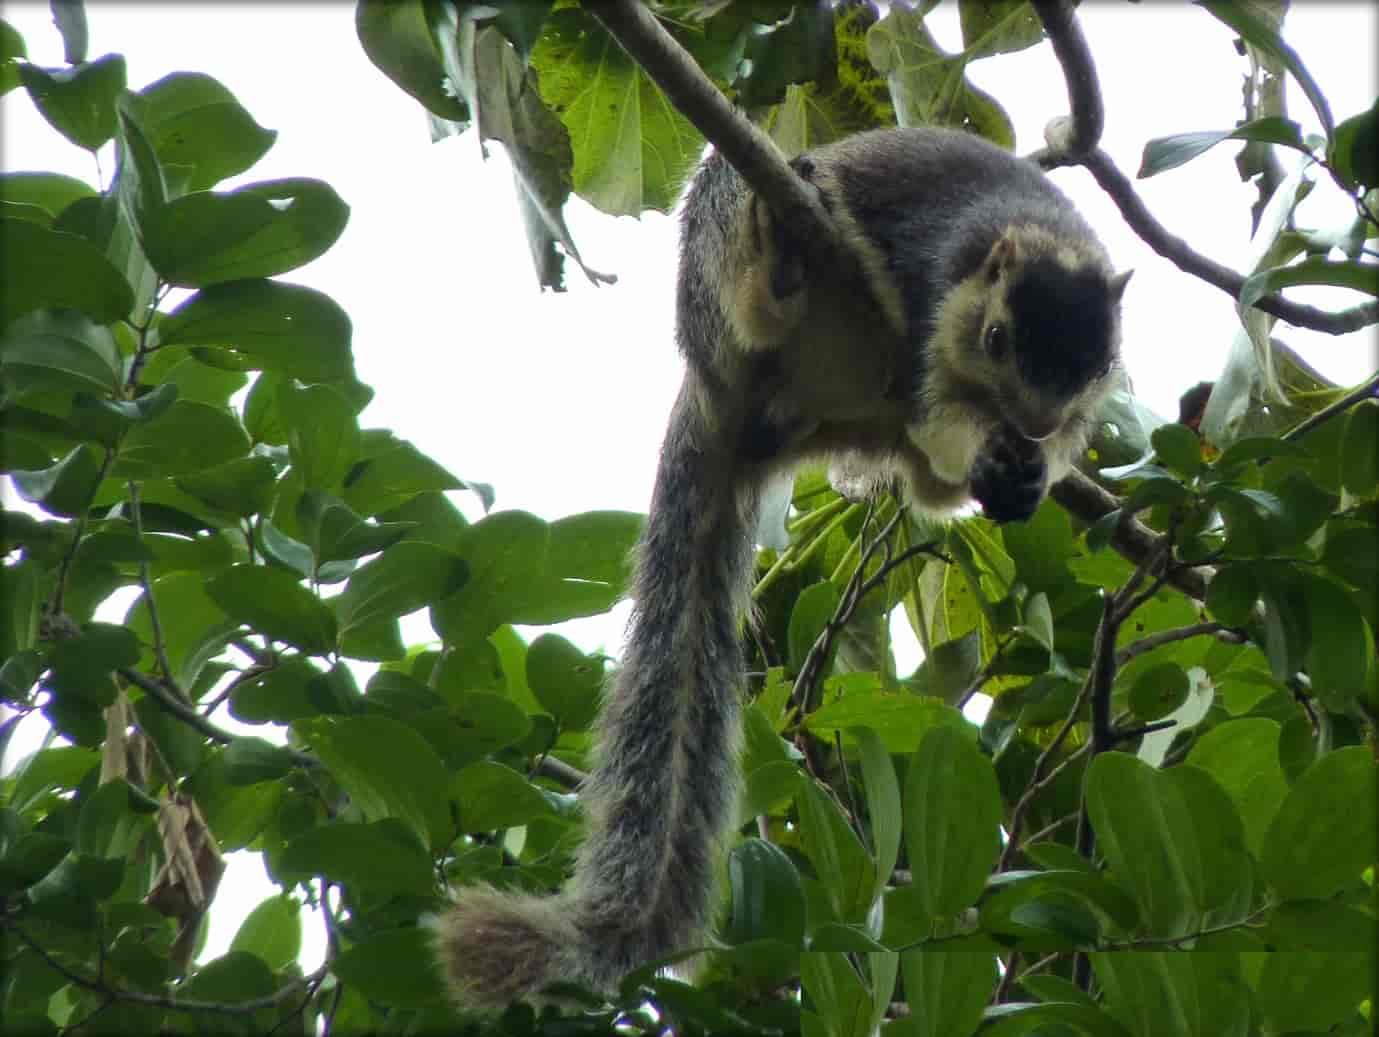 Idukki-Wildlife-sanctuary-is-the-most-beautiful-tourist-attraction-in-Idukki